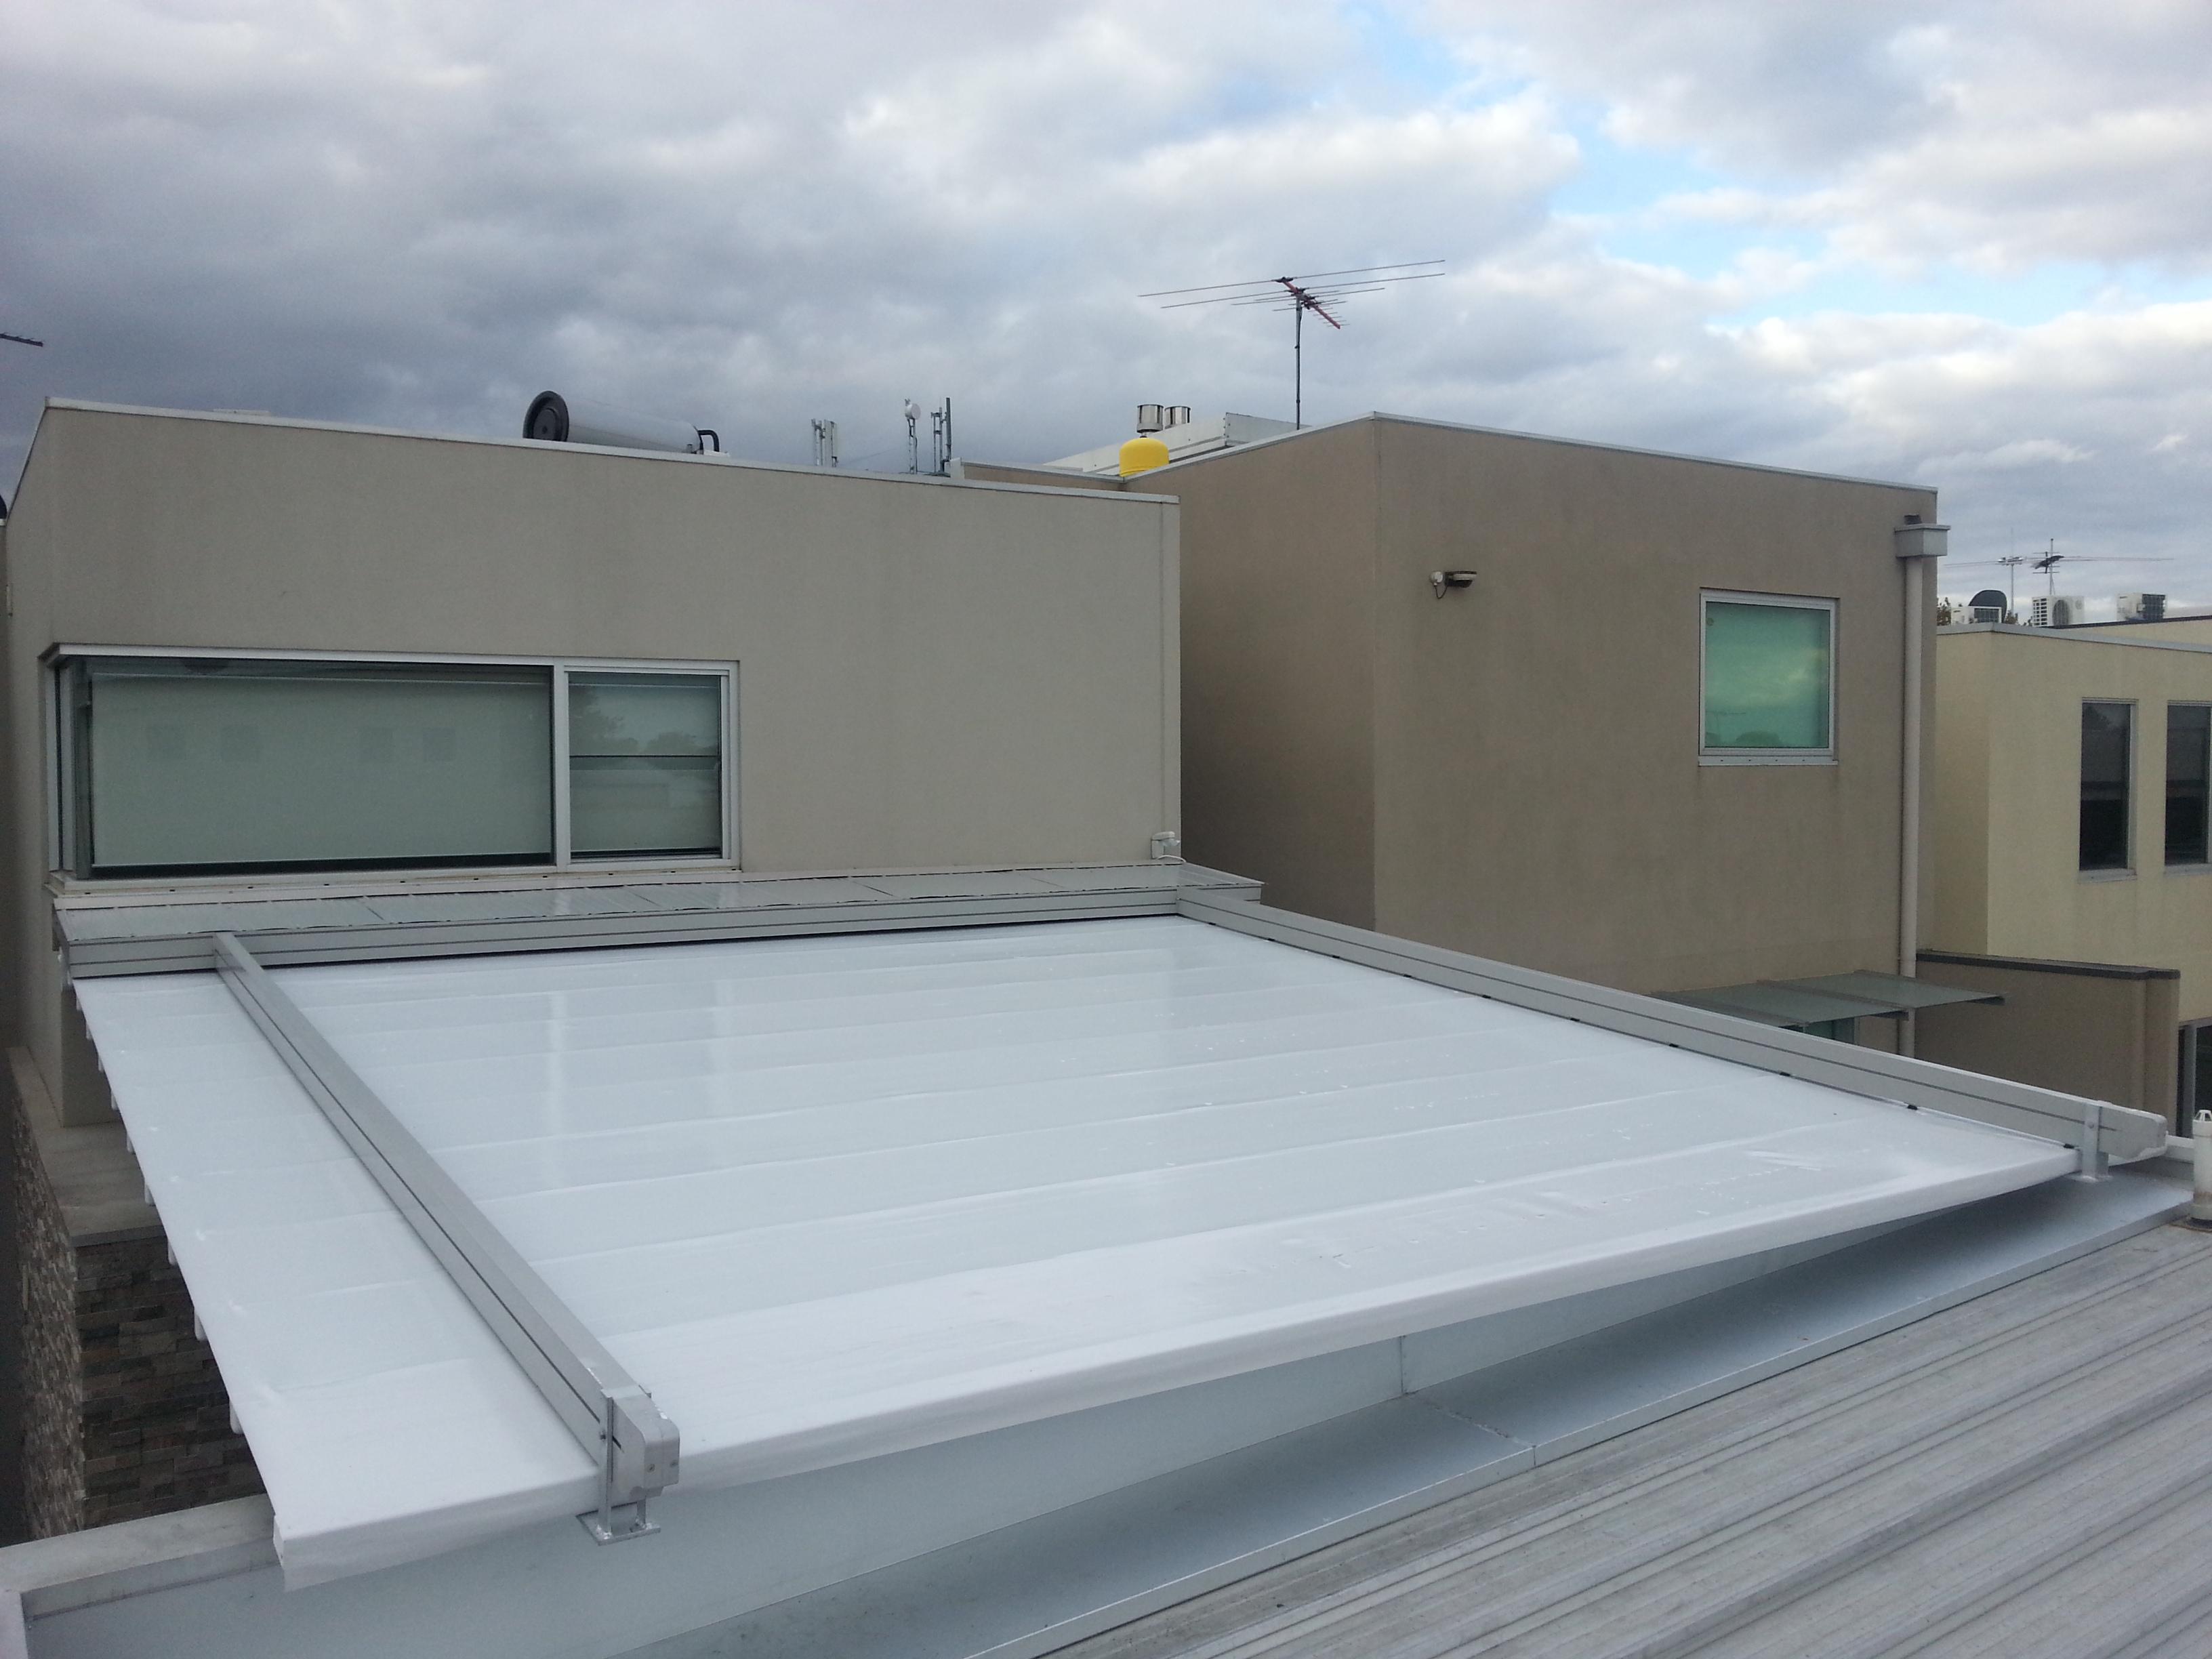 سقف برقی :: سقف وسایبان متحرک/چترهای متحرککه در صورت وقوع هر گونه شرایط آب و هوایی فضای مورد نیاز شما را جهت استراحت  و فعالیت های مختلف تامین می نماید